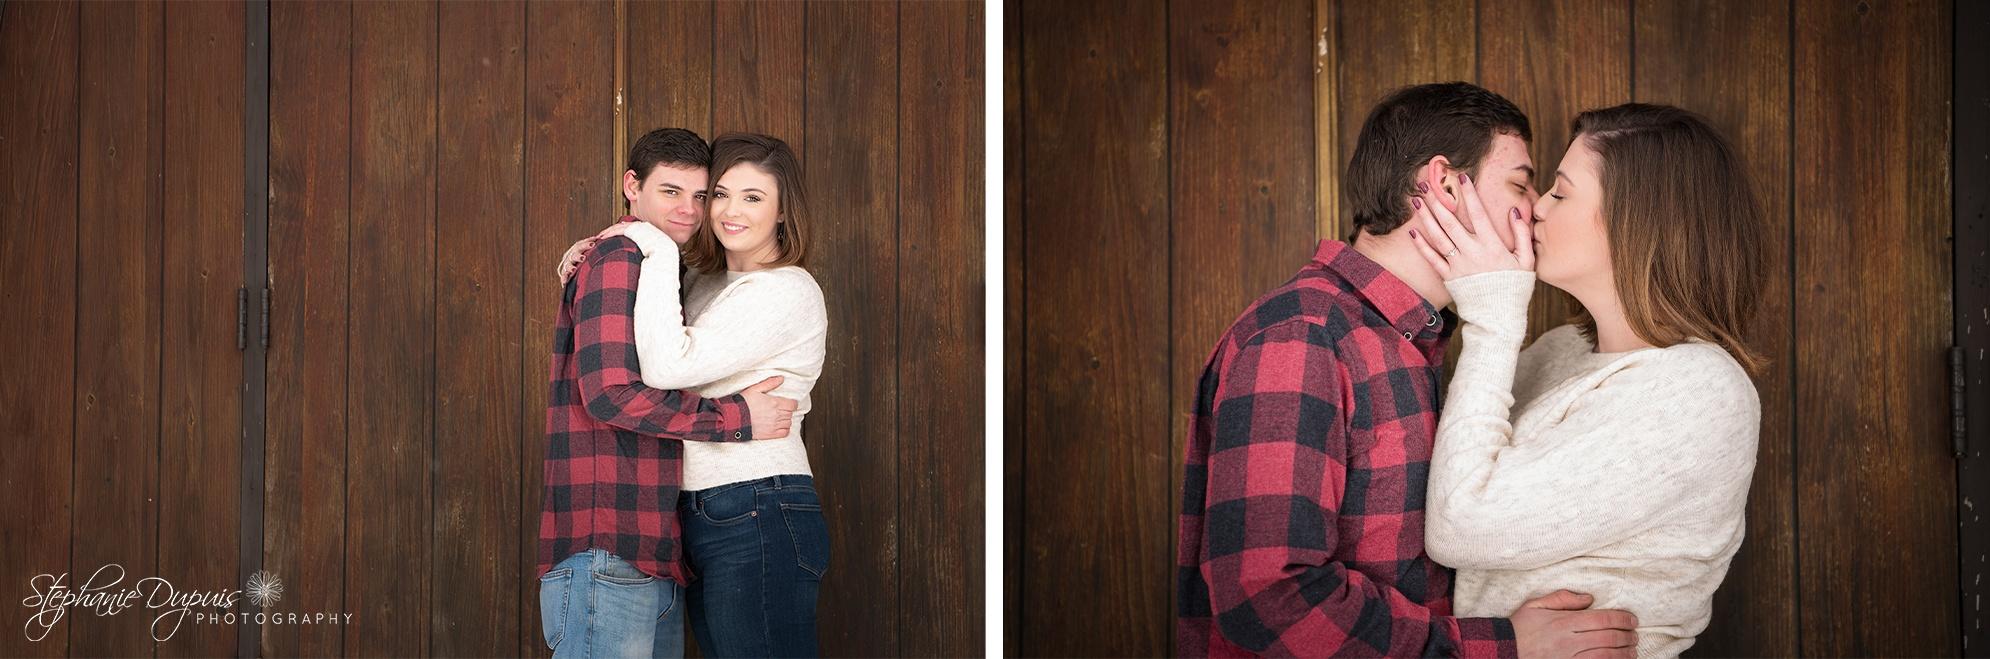 Engagement Photographer 11 - Portfolio: Ethan & Baylee's Engagement